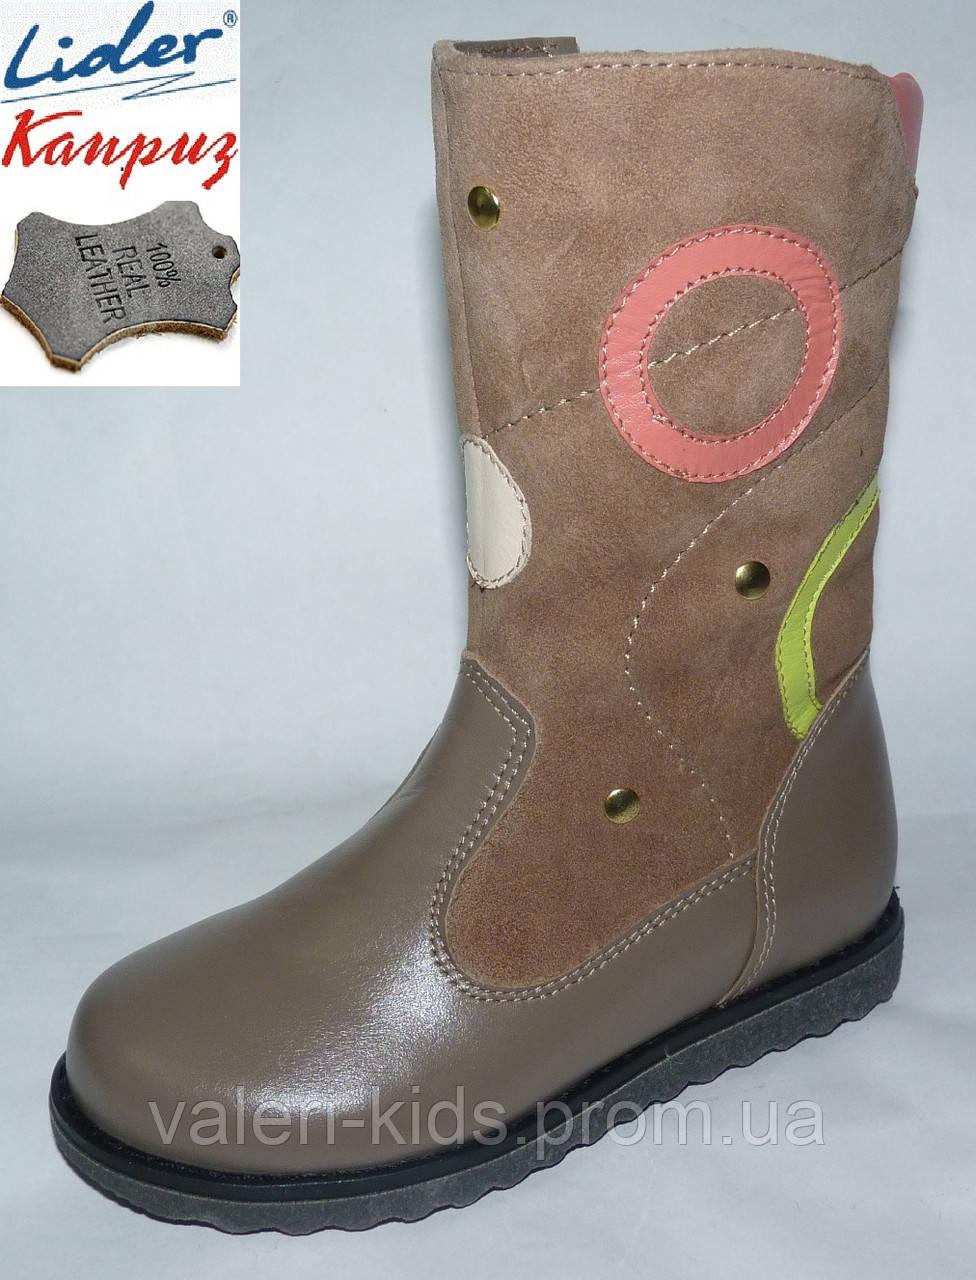 Детские кожаные зимние сапоги Каприз. 25р - Интернет-магазин детской обуви